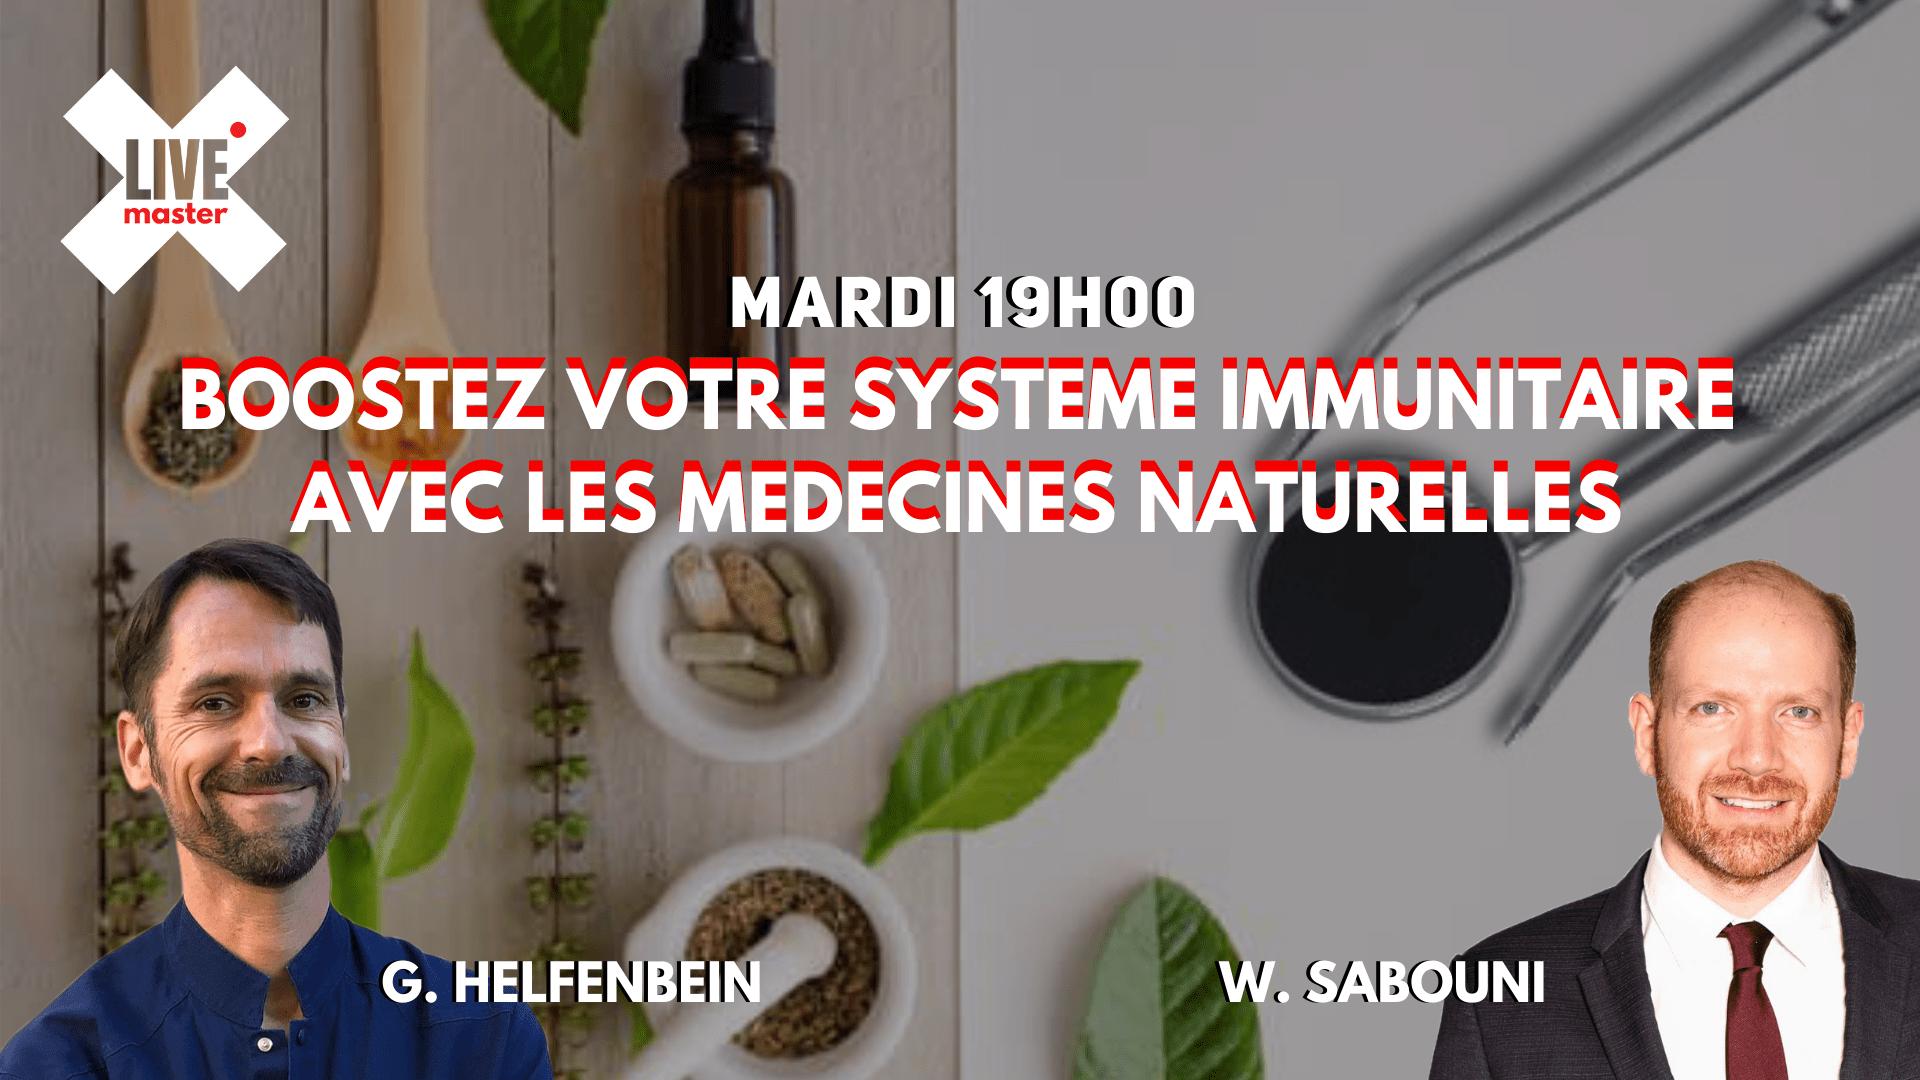 Boostez votre système immunitaire avec les médecines naturelles